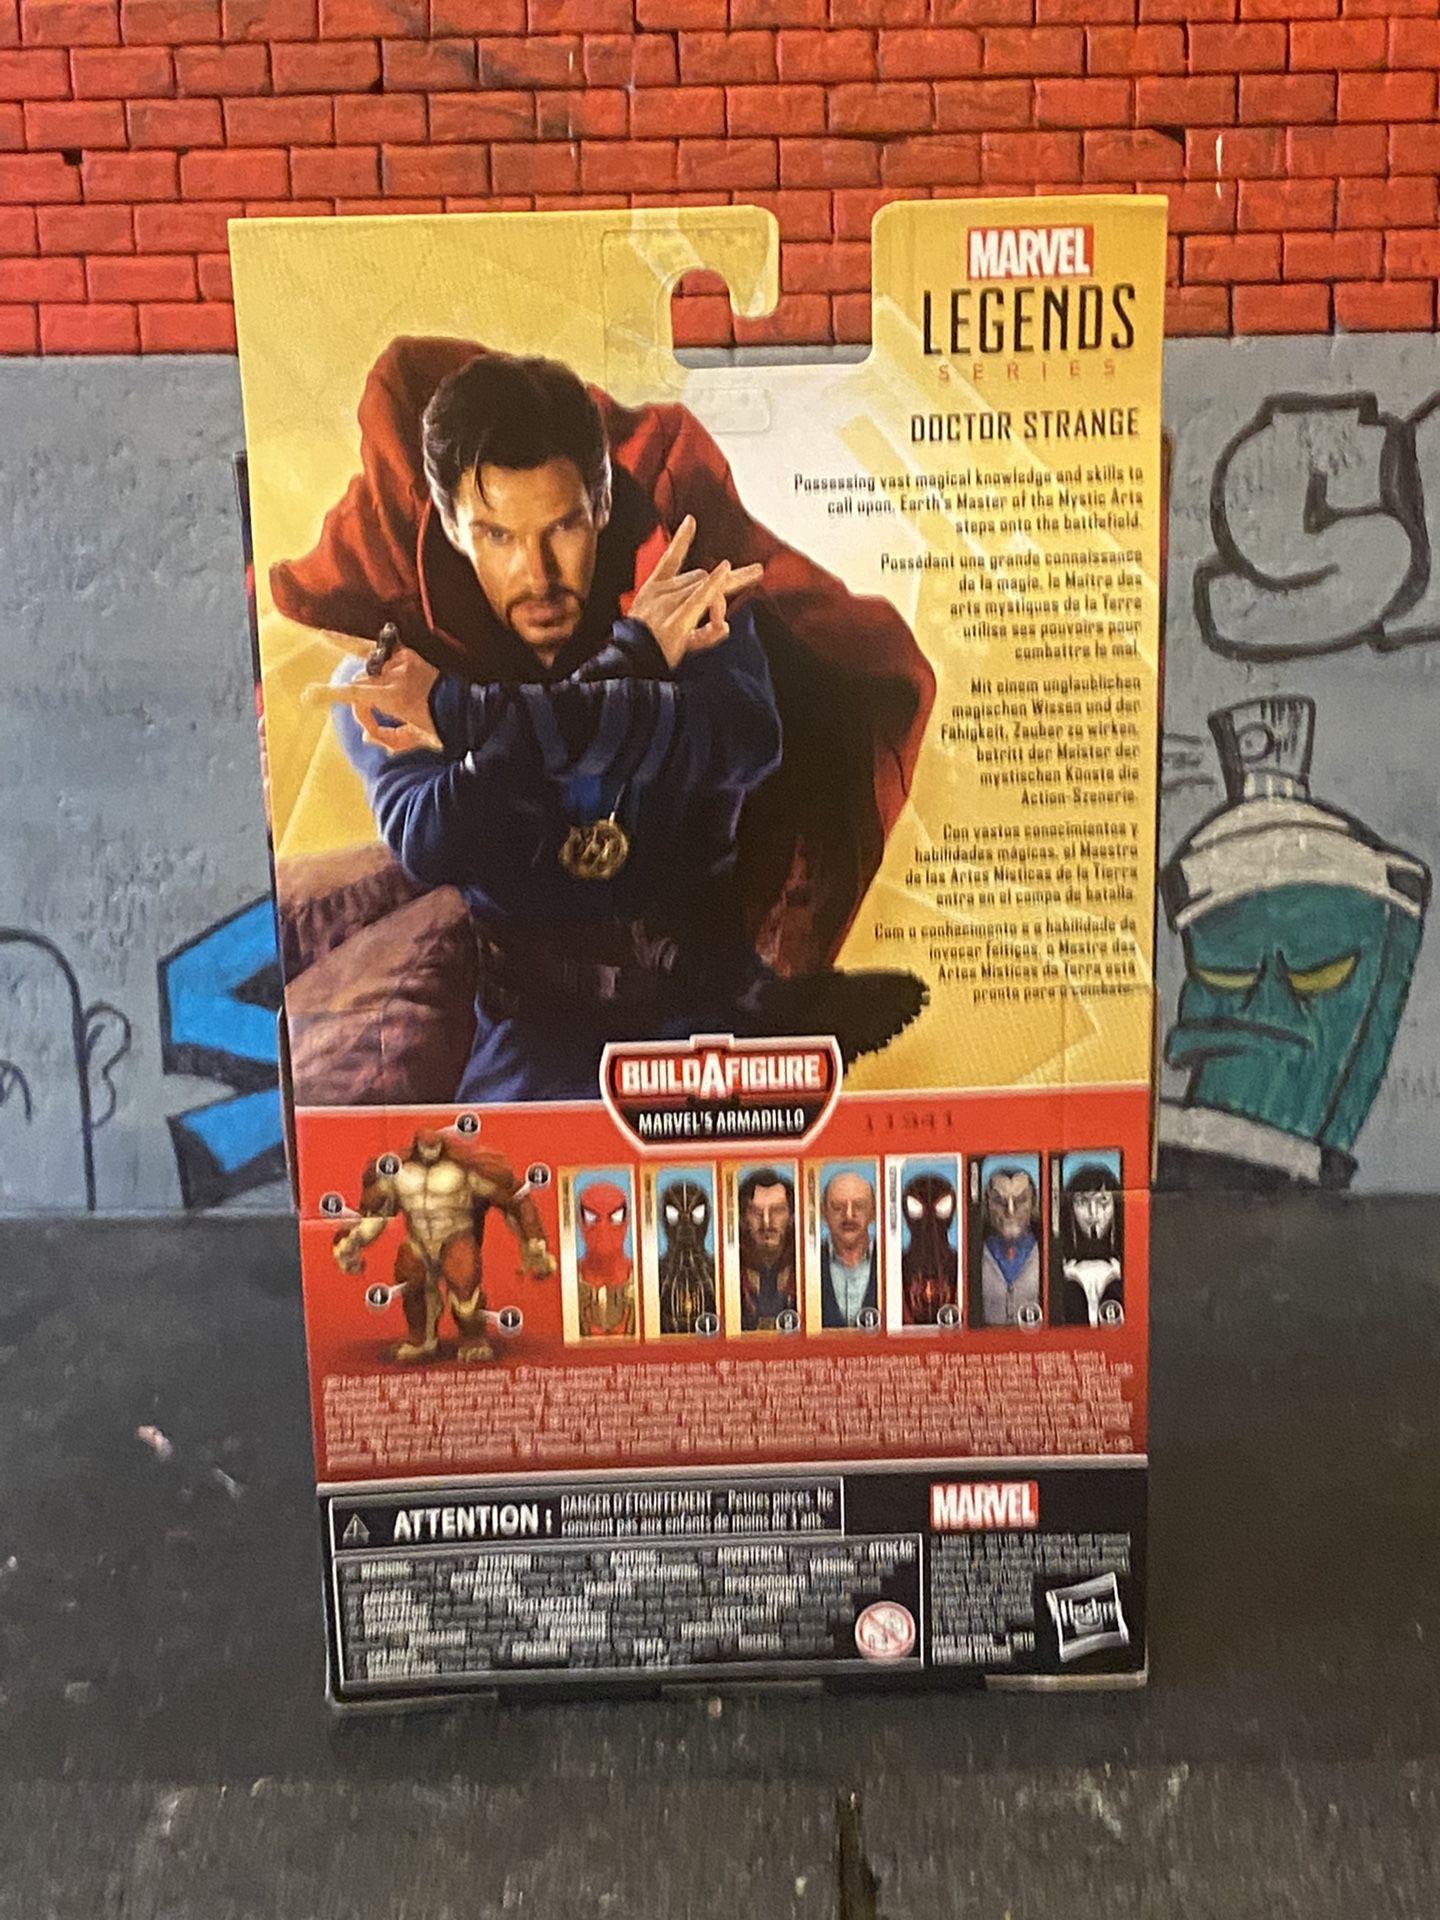 2022 Hasbro Marvel Legends Spider-Man No Way Home Dr. Strange